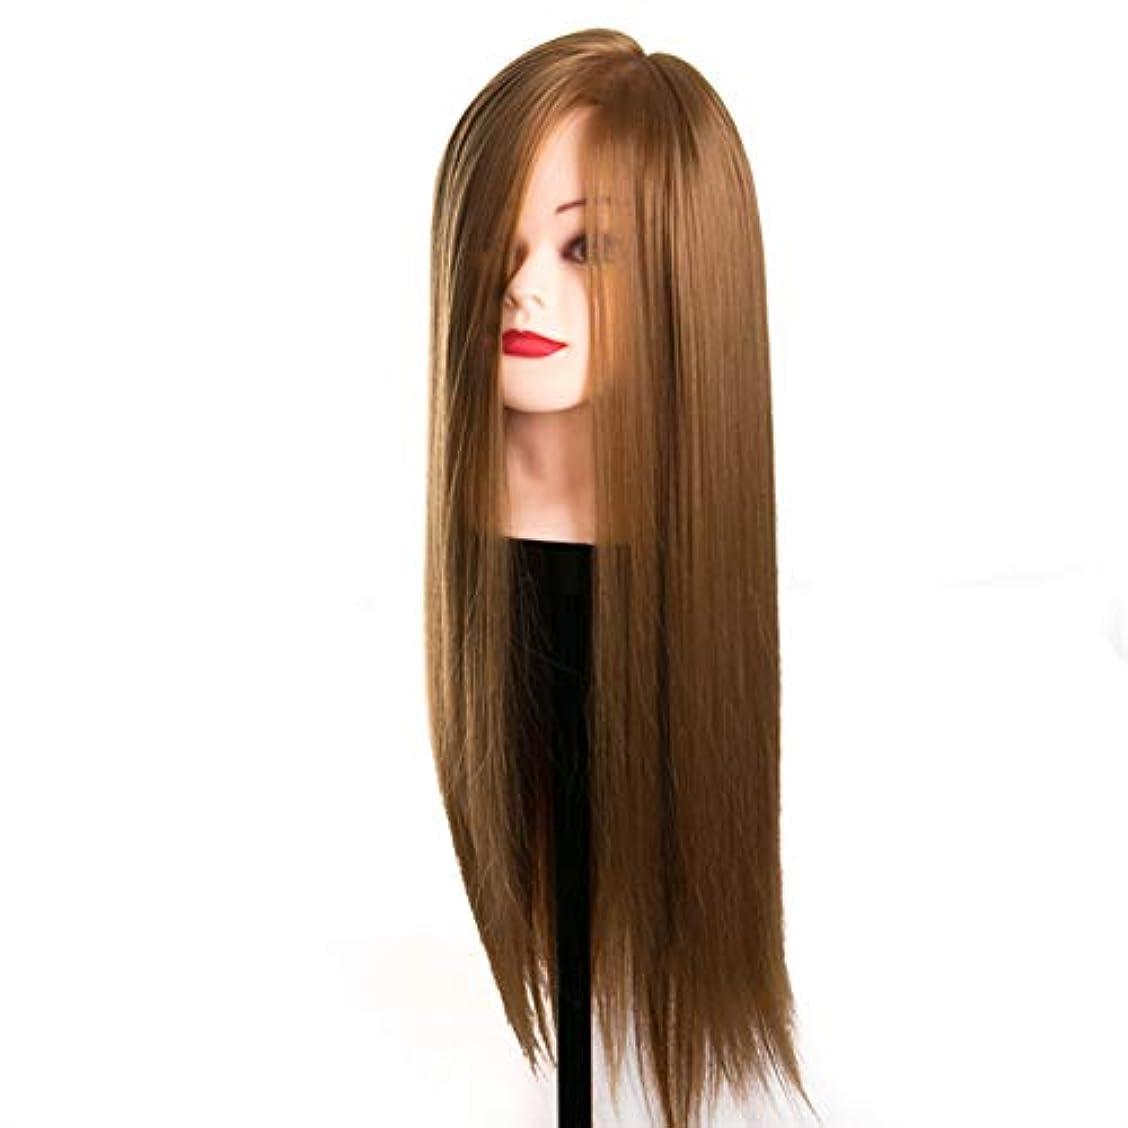 快適心臓特異性メイクディスクヘアスタイリング編み教育ダミーヘッド理髪ヘアカットトレーニングかつらサロンエクササイズヘッド金型3個